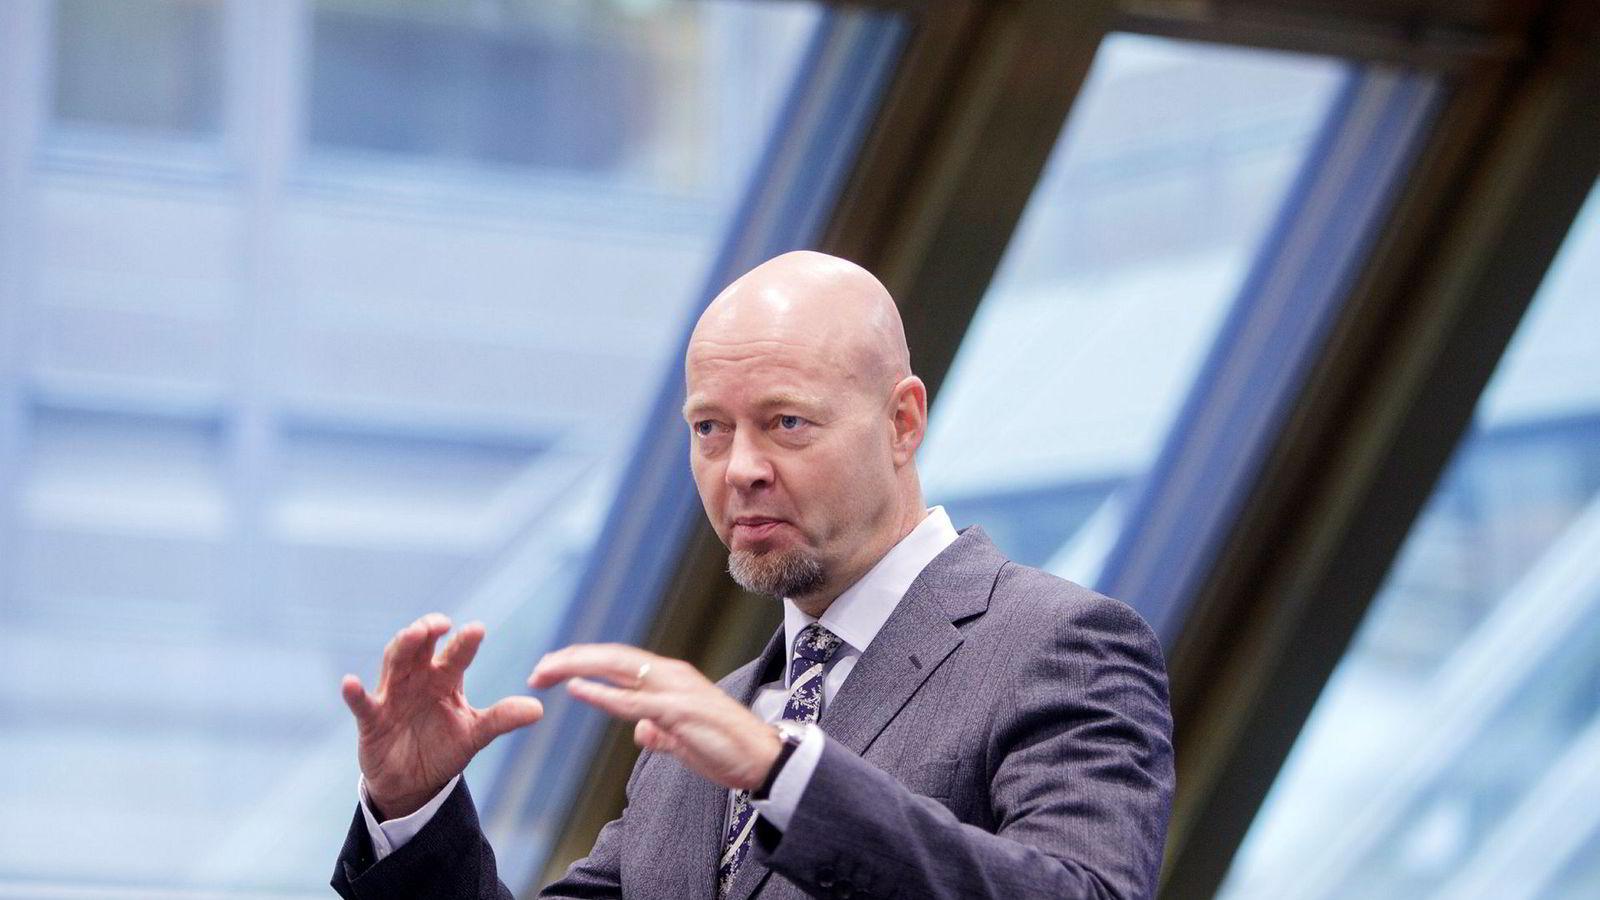 Oljefondet vil bestå uavhengig av om fondet legges utenfor eller forblir i Norges Bank, mener Oljefond-sjef Yngve Slyngstad.